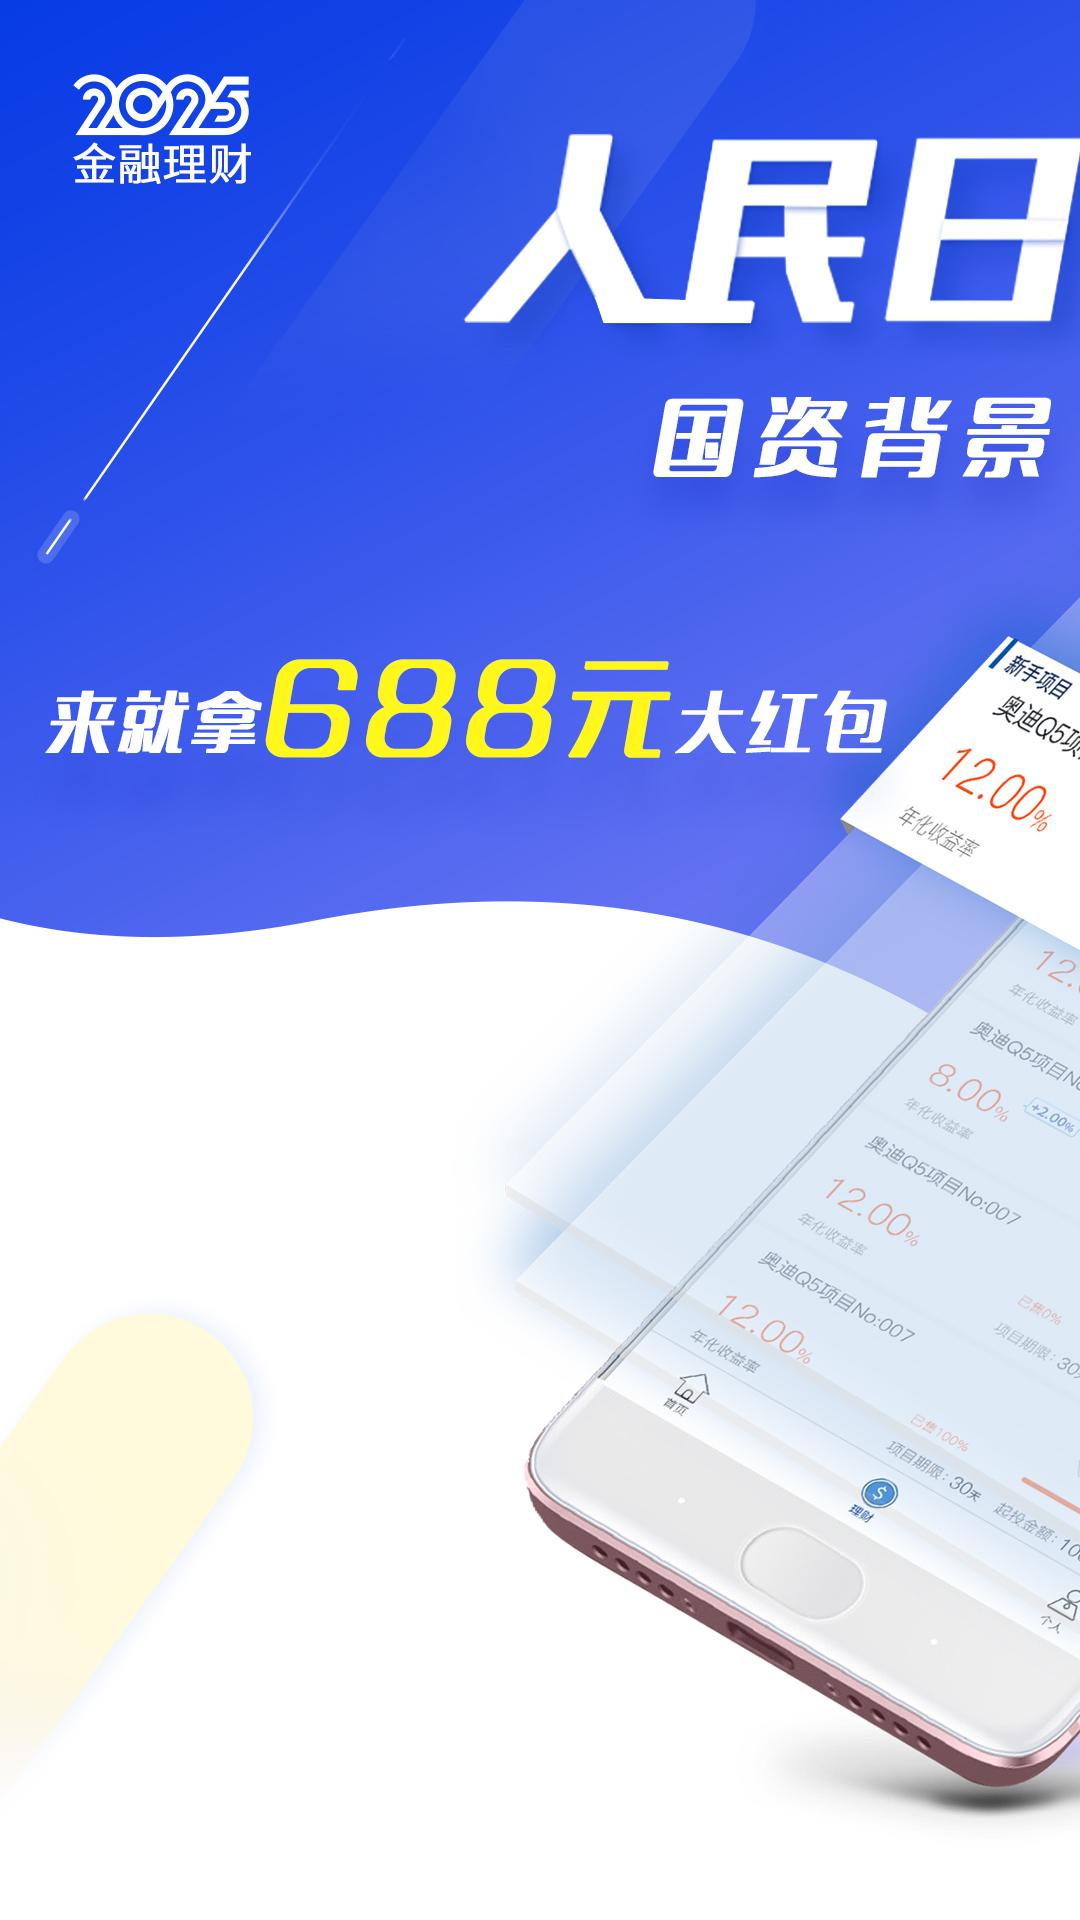 2025金融理财下载|2025金融理财手机版_最新